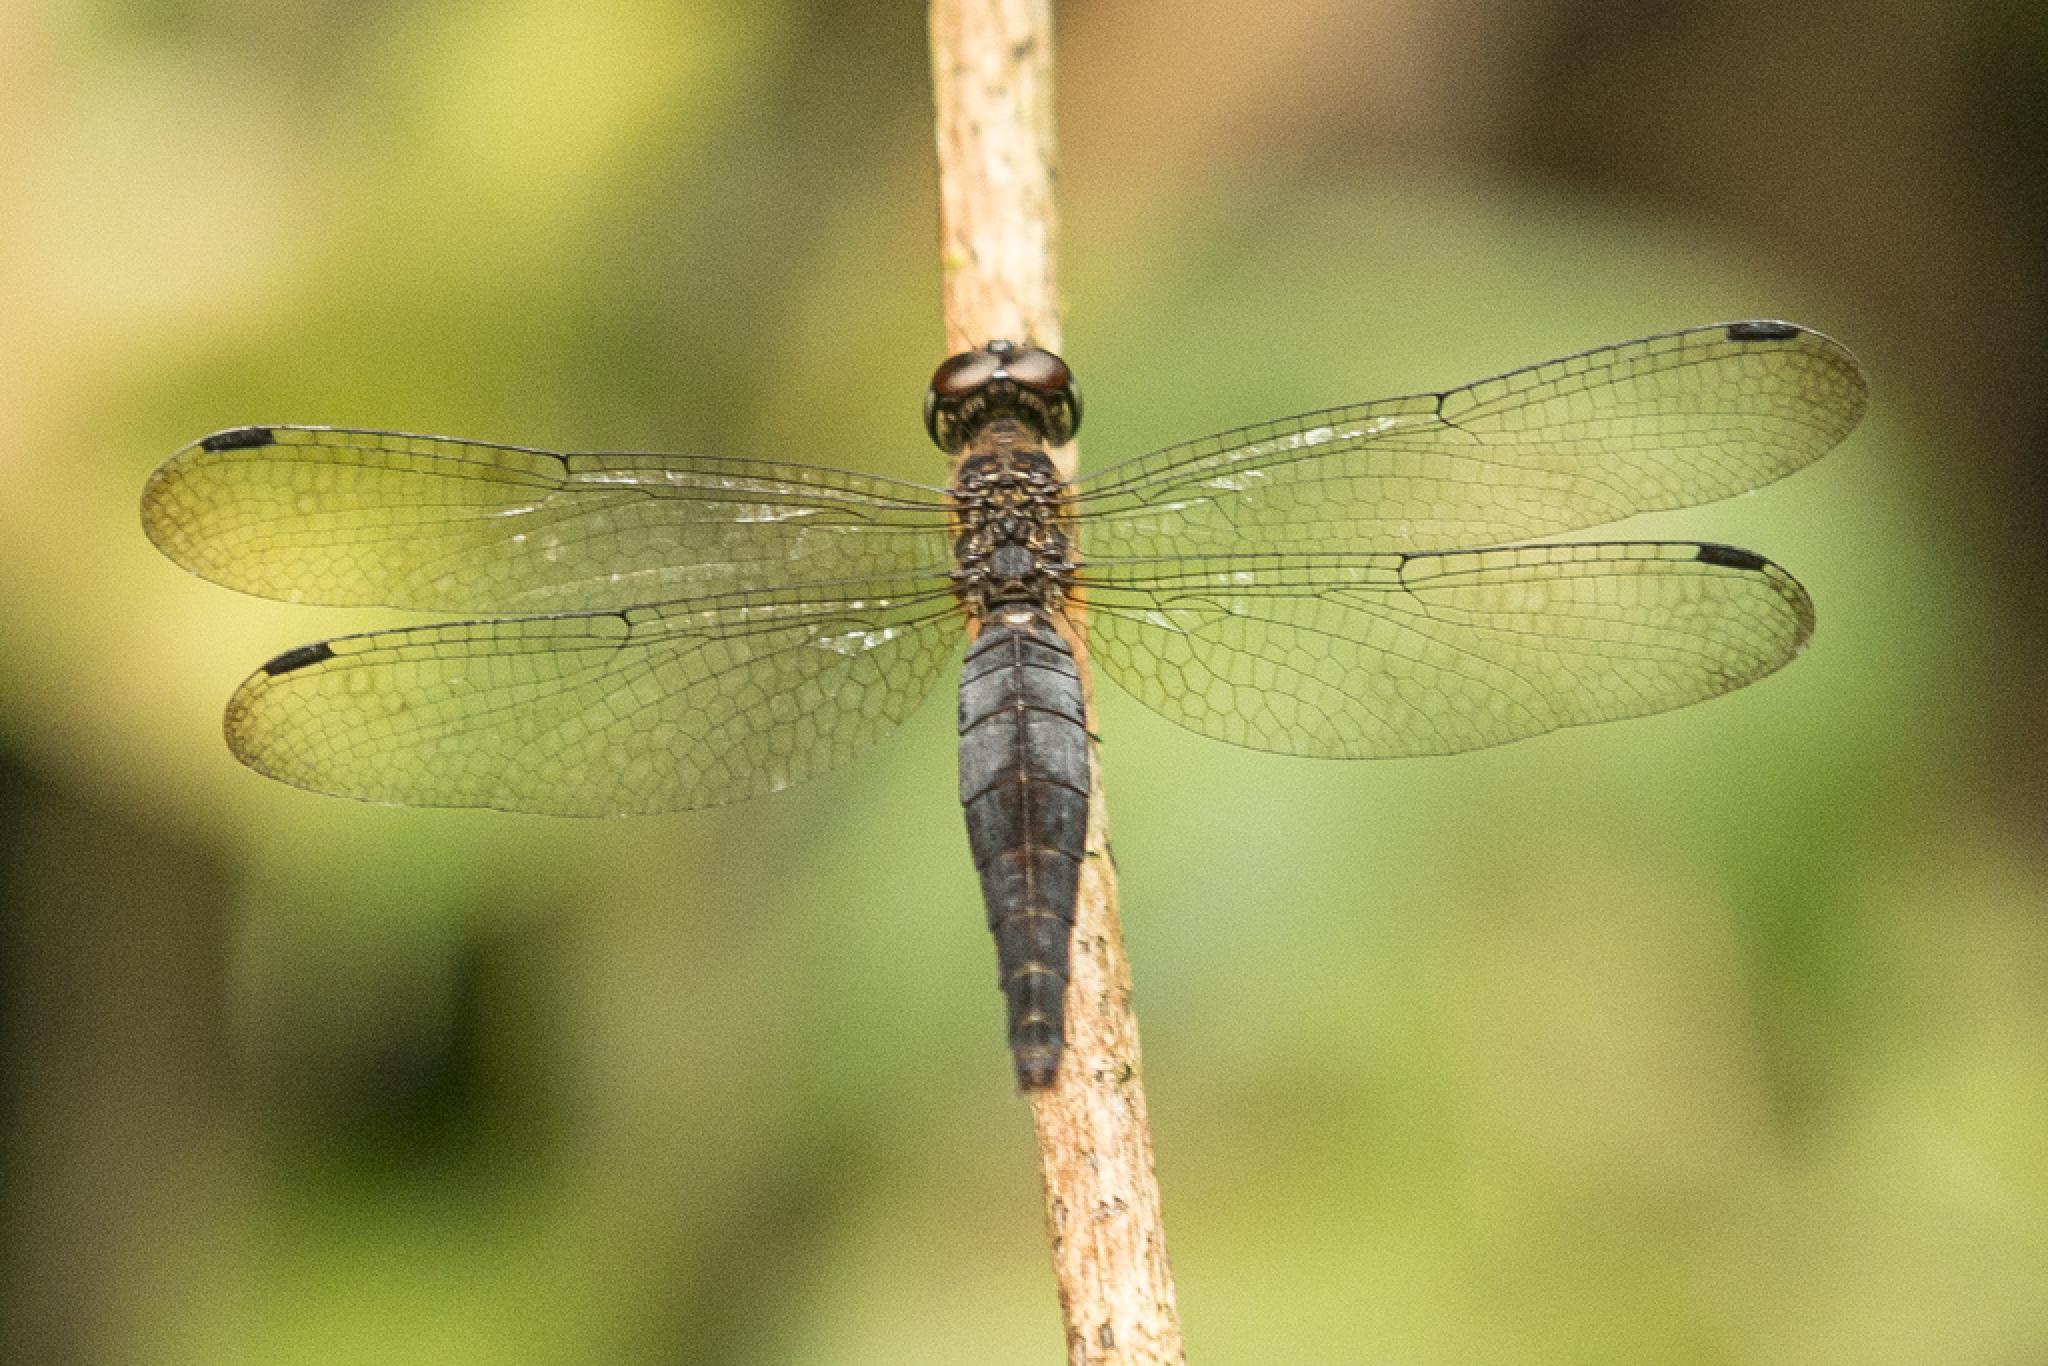 Dragonfly by chrisgnixon